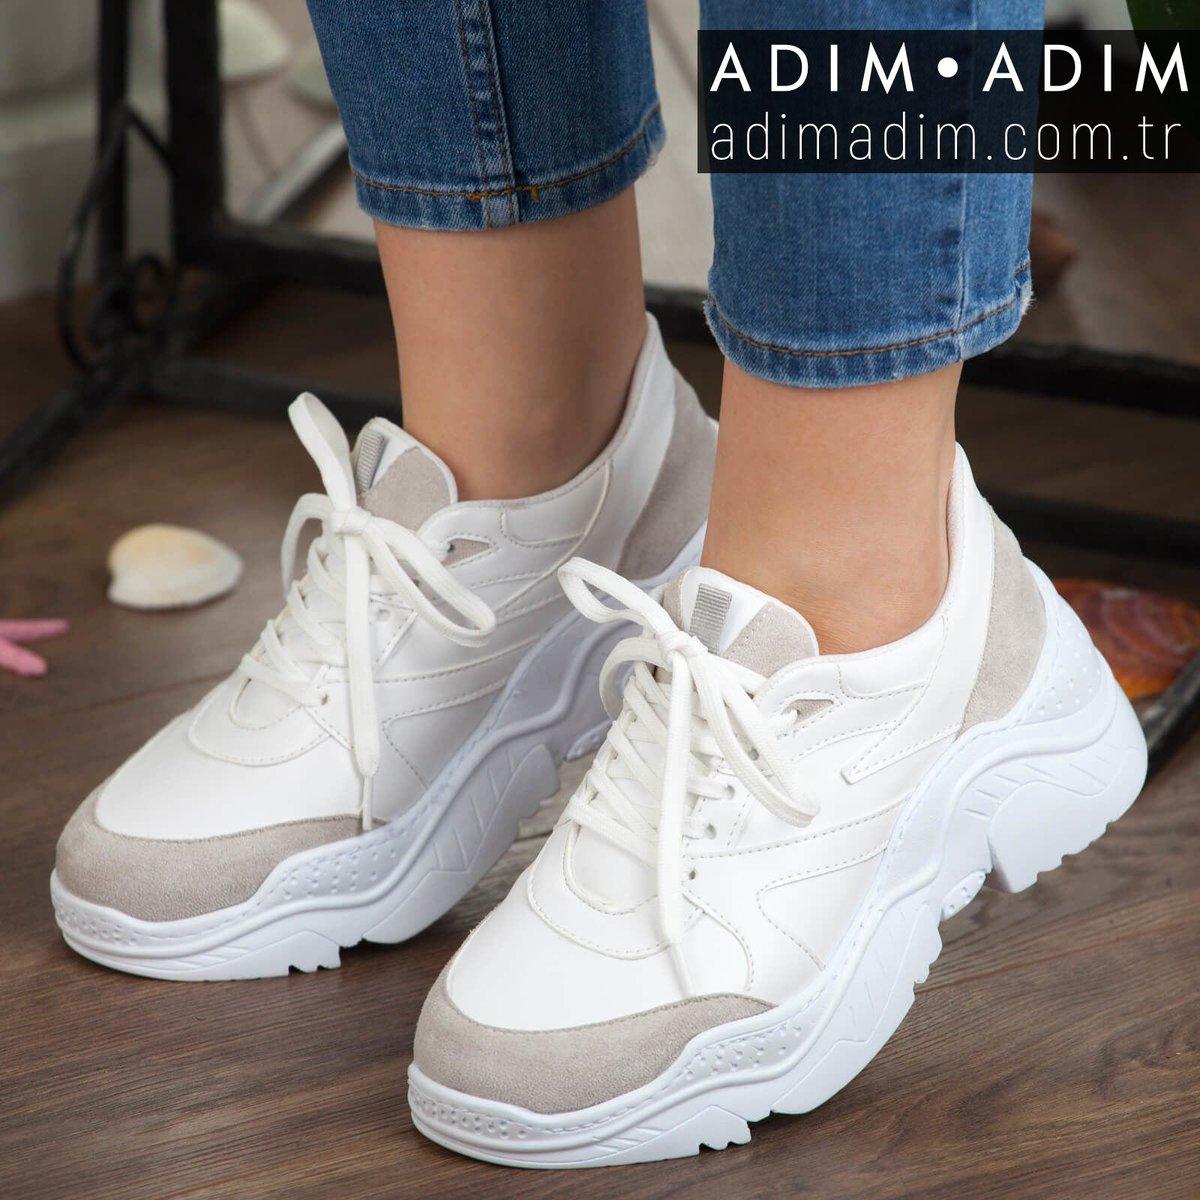 Adim Adim ??? ?????: